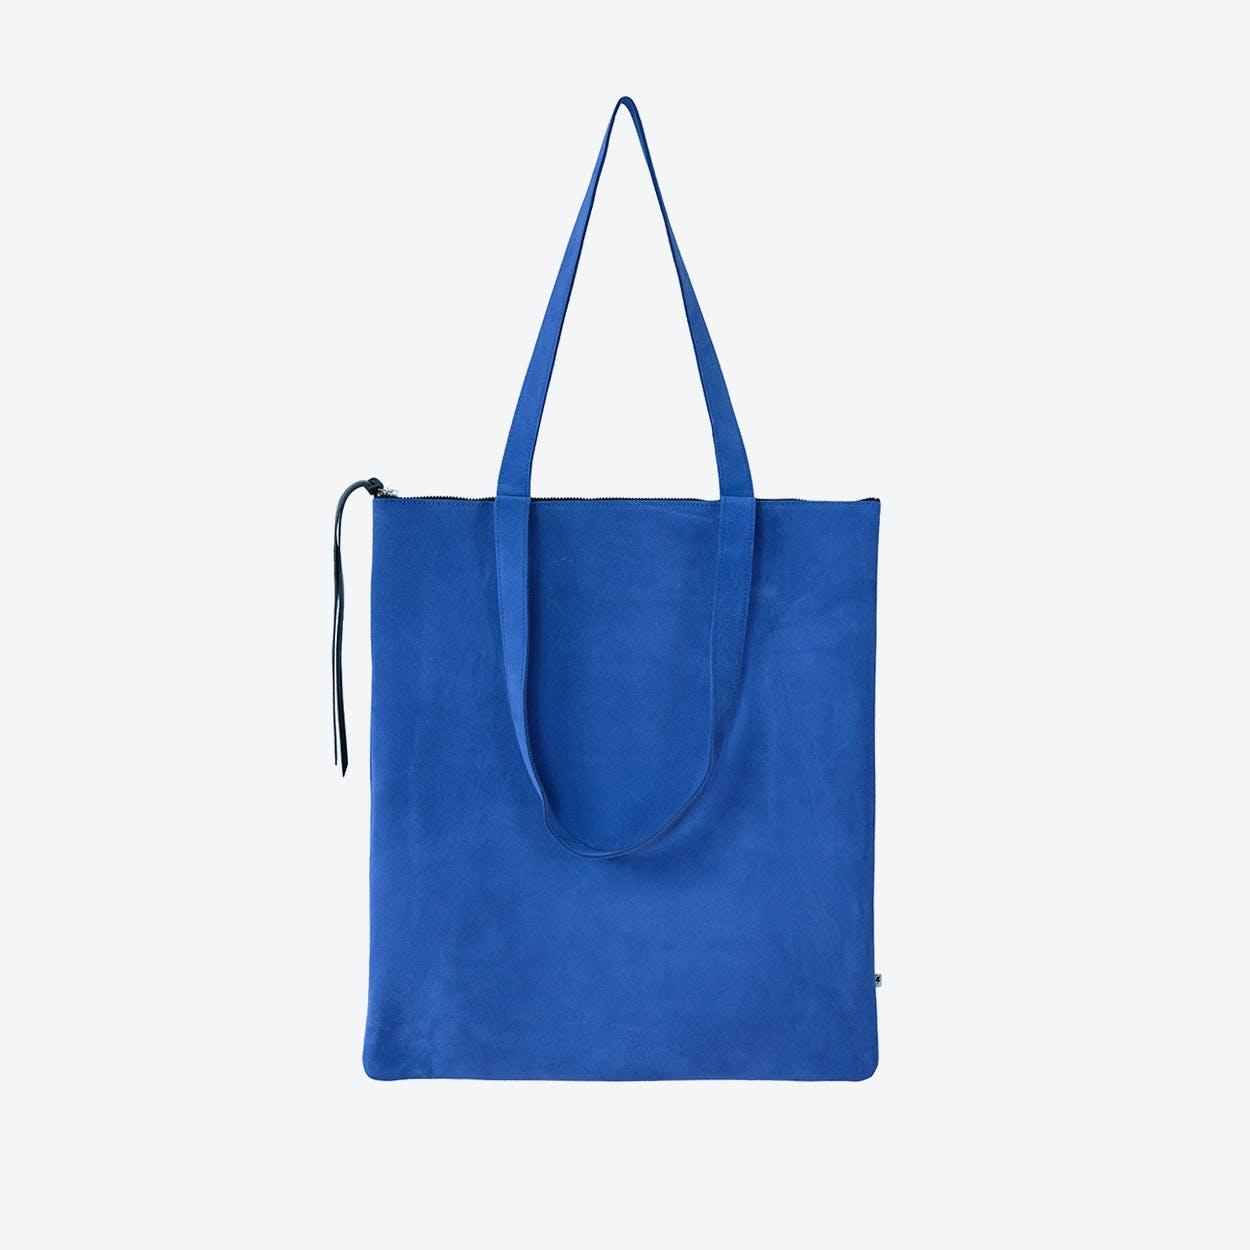 FIRU Shoulder Bag in Blue